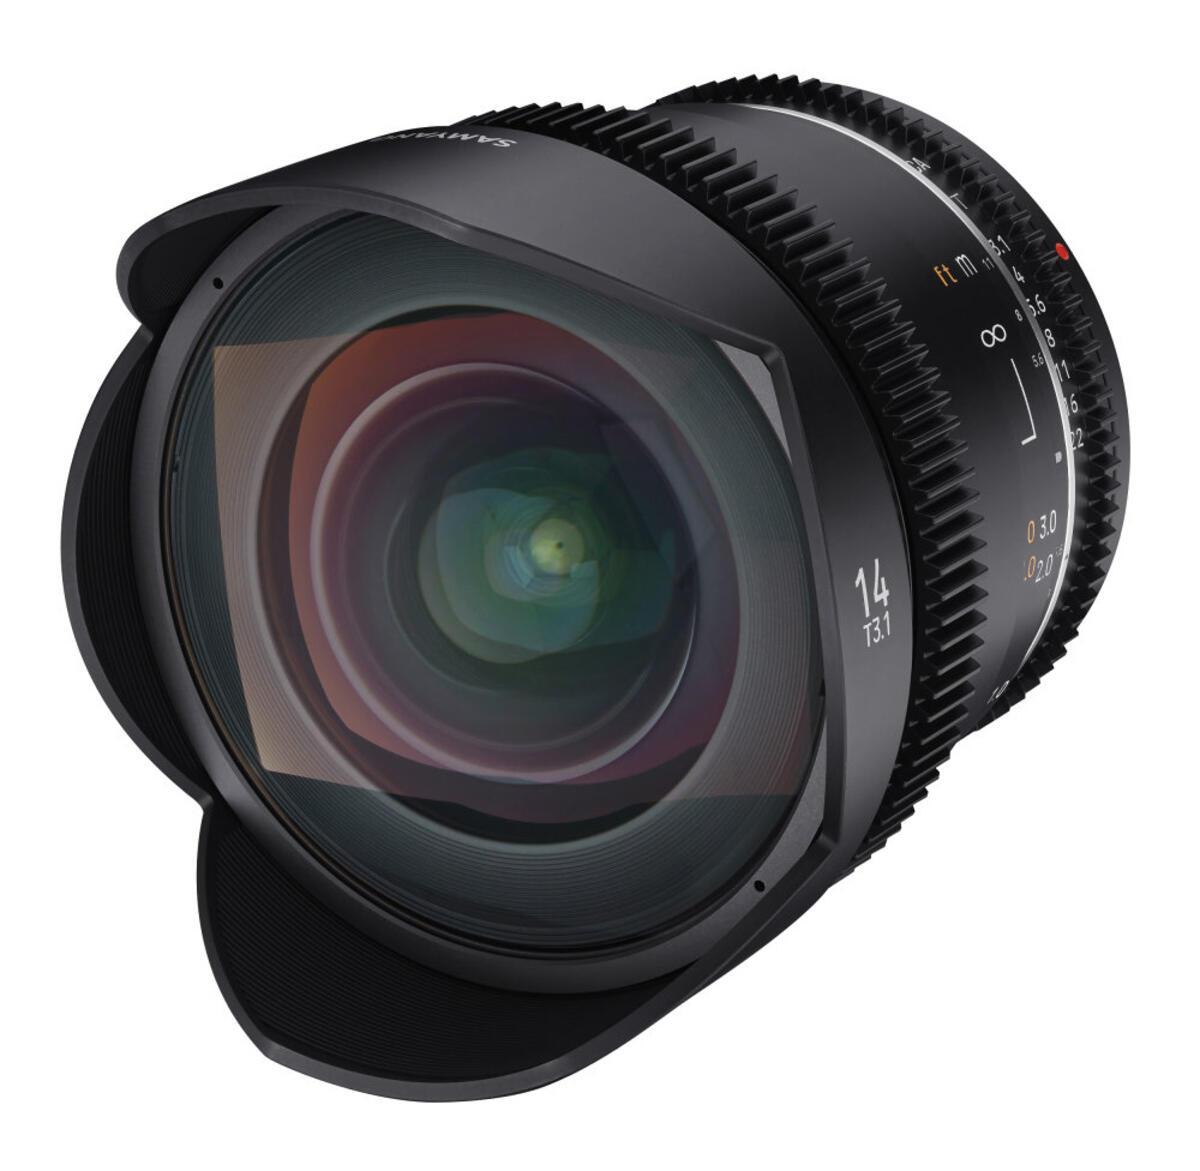 New Samyang 14mm T3.1 MK2 VDSLR Cine Lens